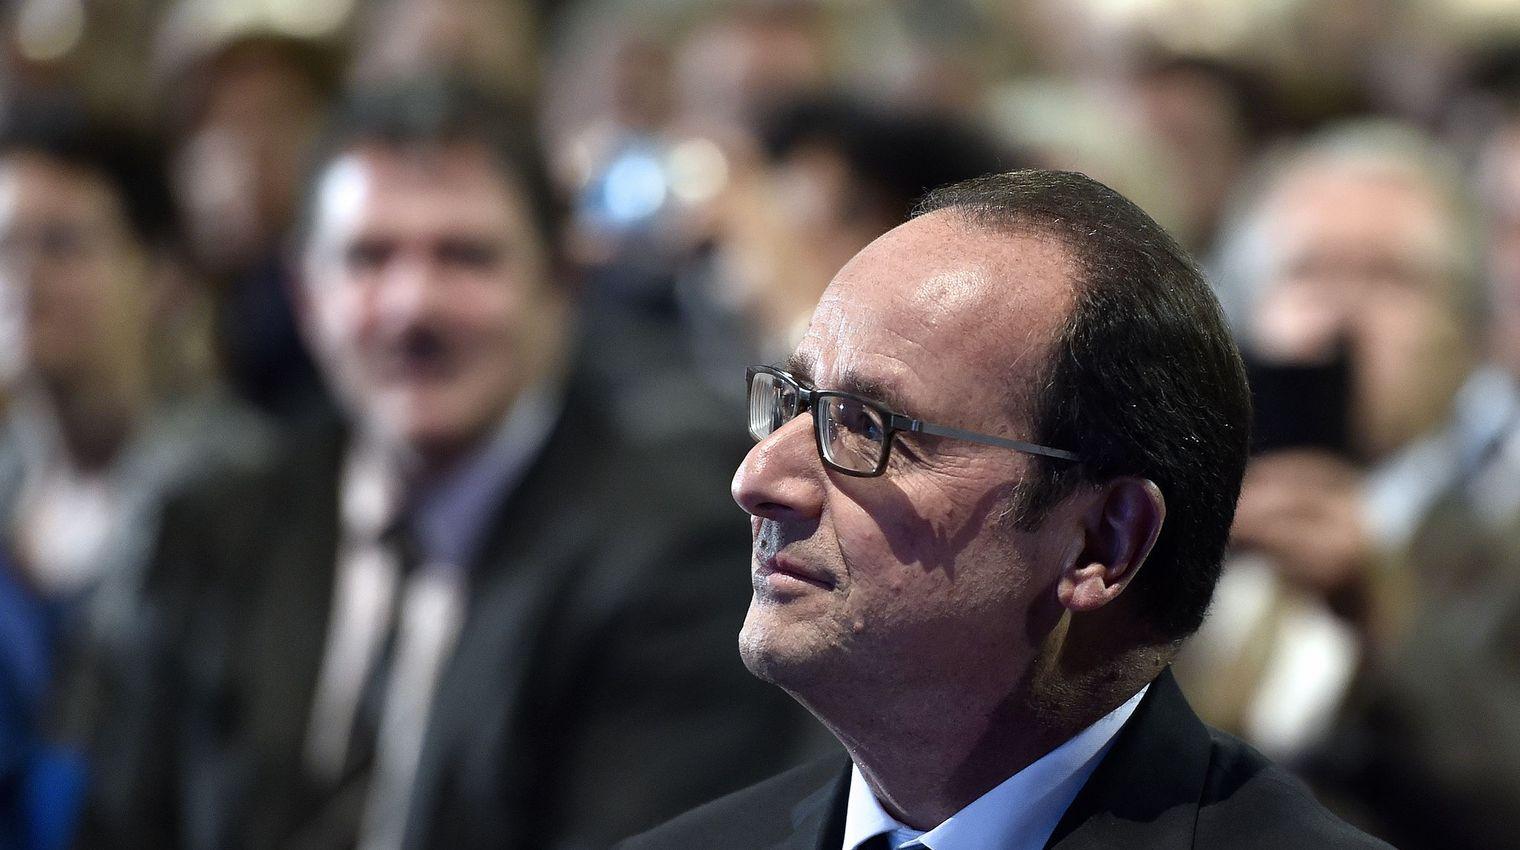 ÉCONOMIE / Hollande veut voir l'avenir en rose, a-t-il les bons arguments?